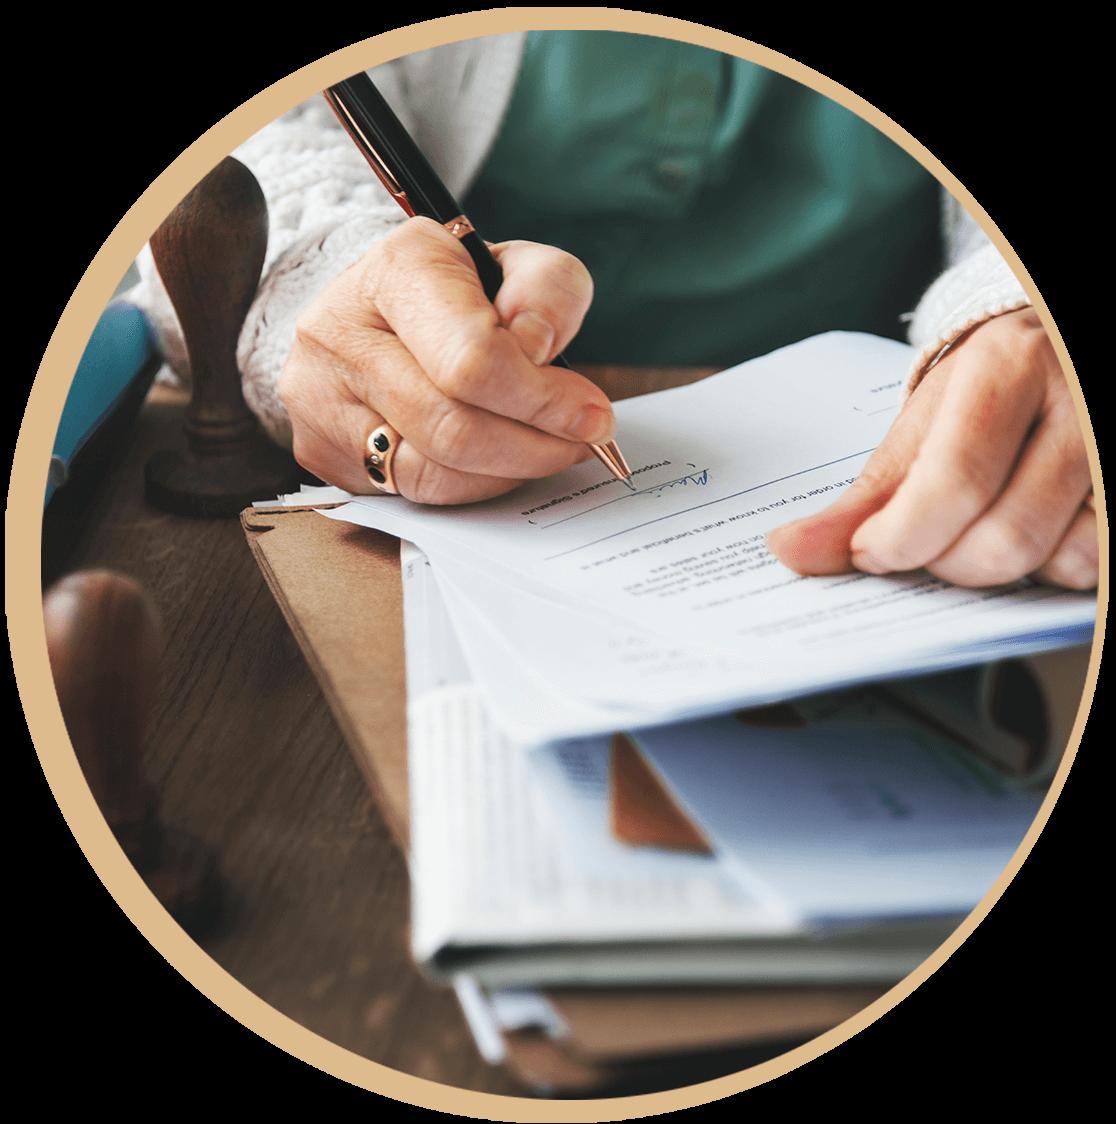 norario-publico-en-san-diego-para-verificar-la-identidad-de-quien-firma-un-documento